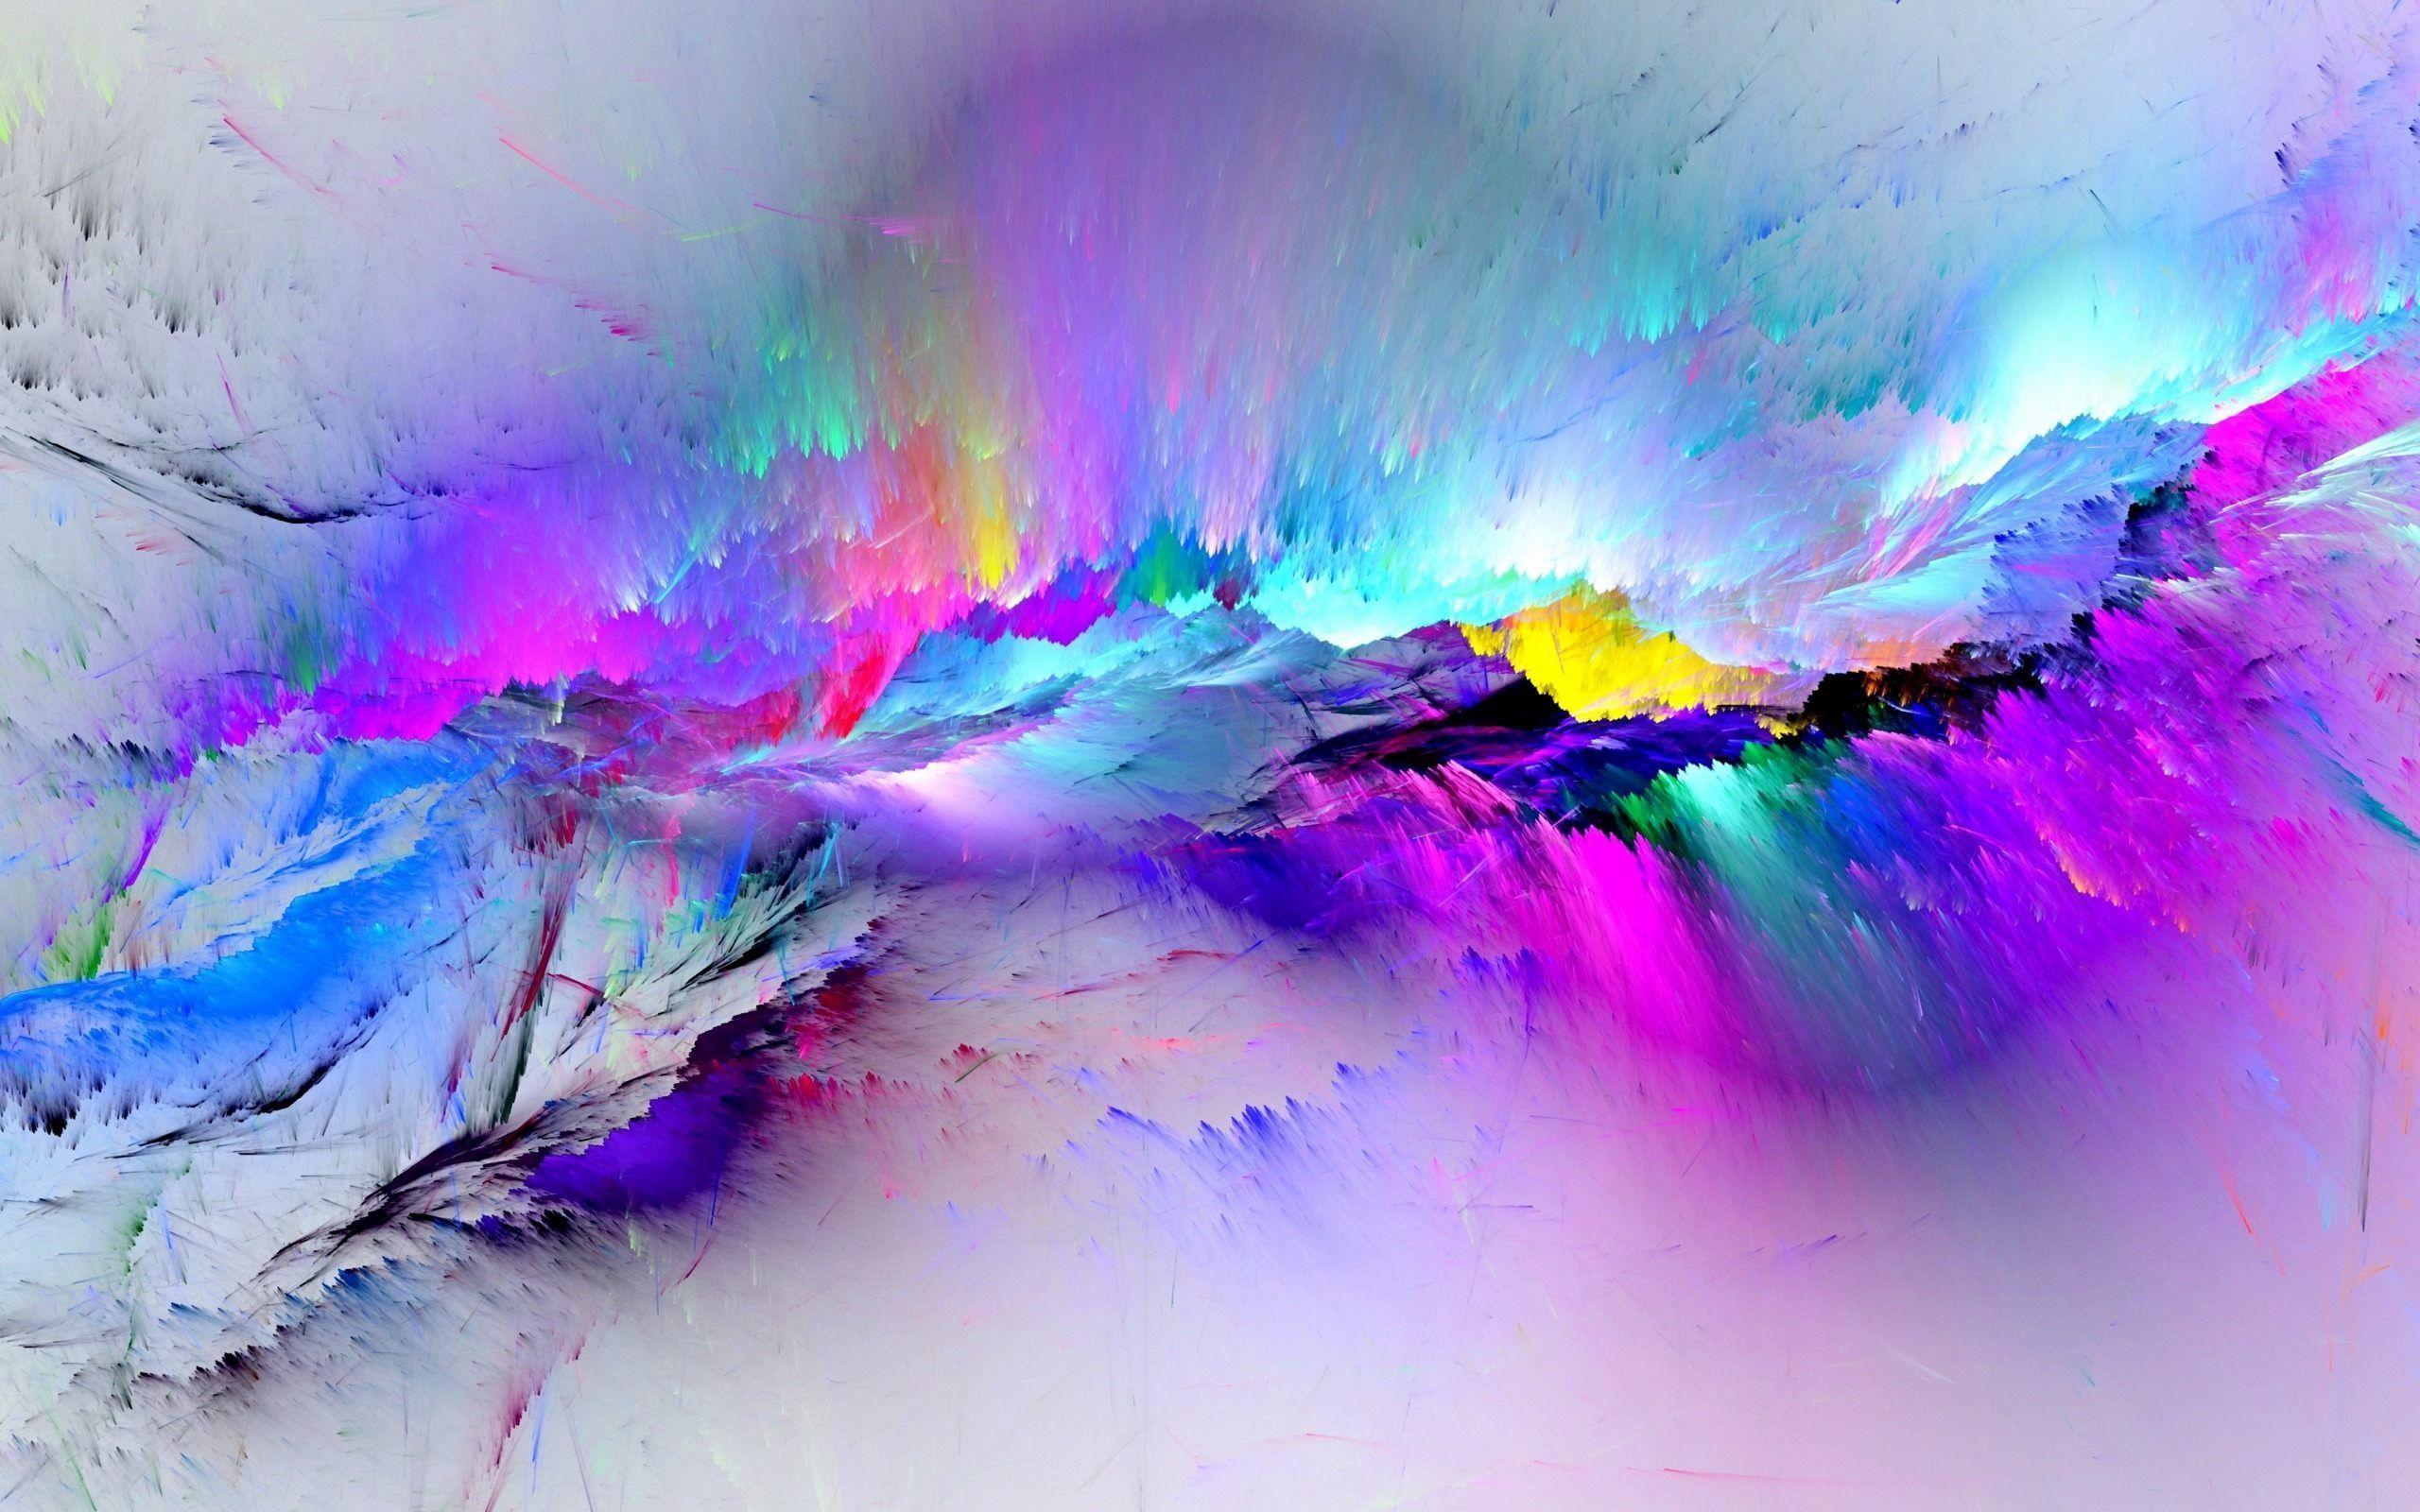 Res: 2560x1600, Color Splash Wallpaper HD - WallpaperSafari